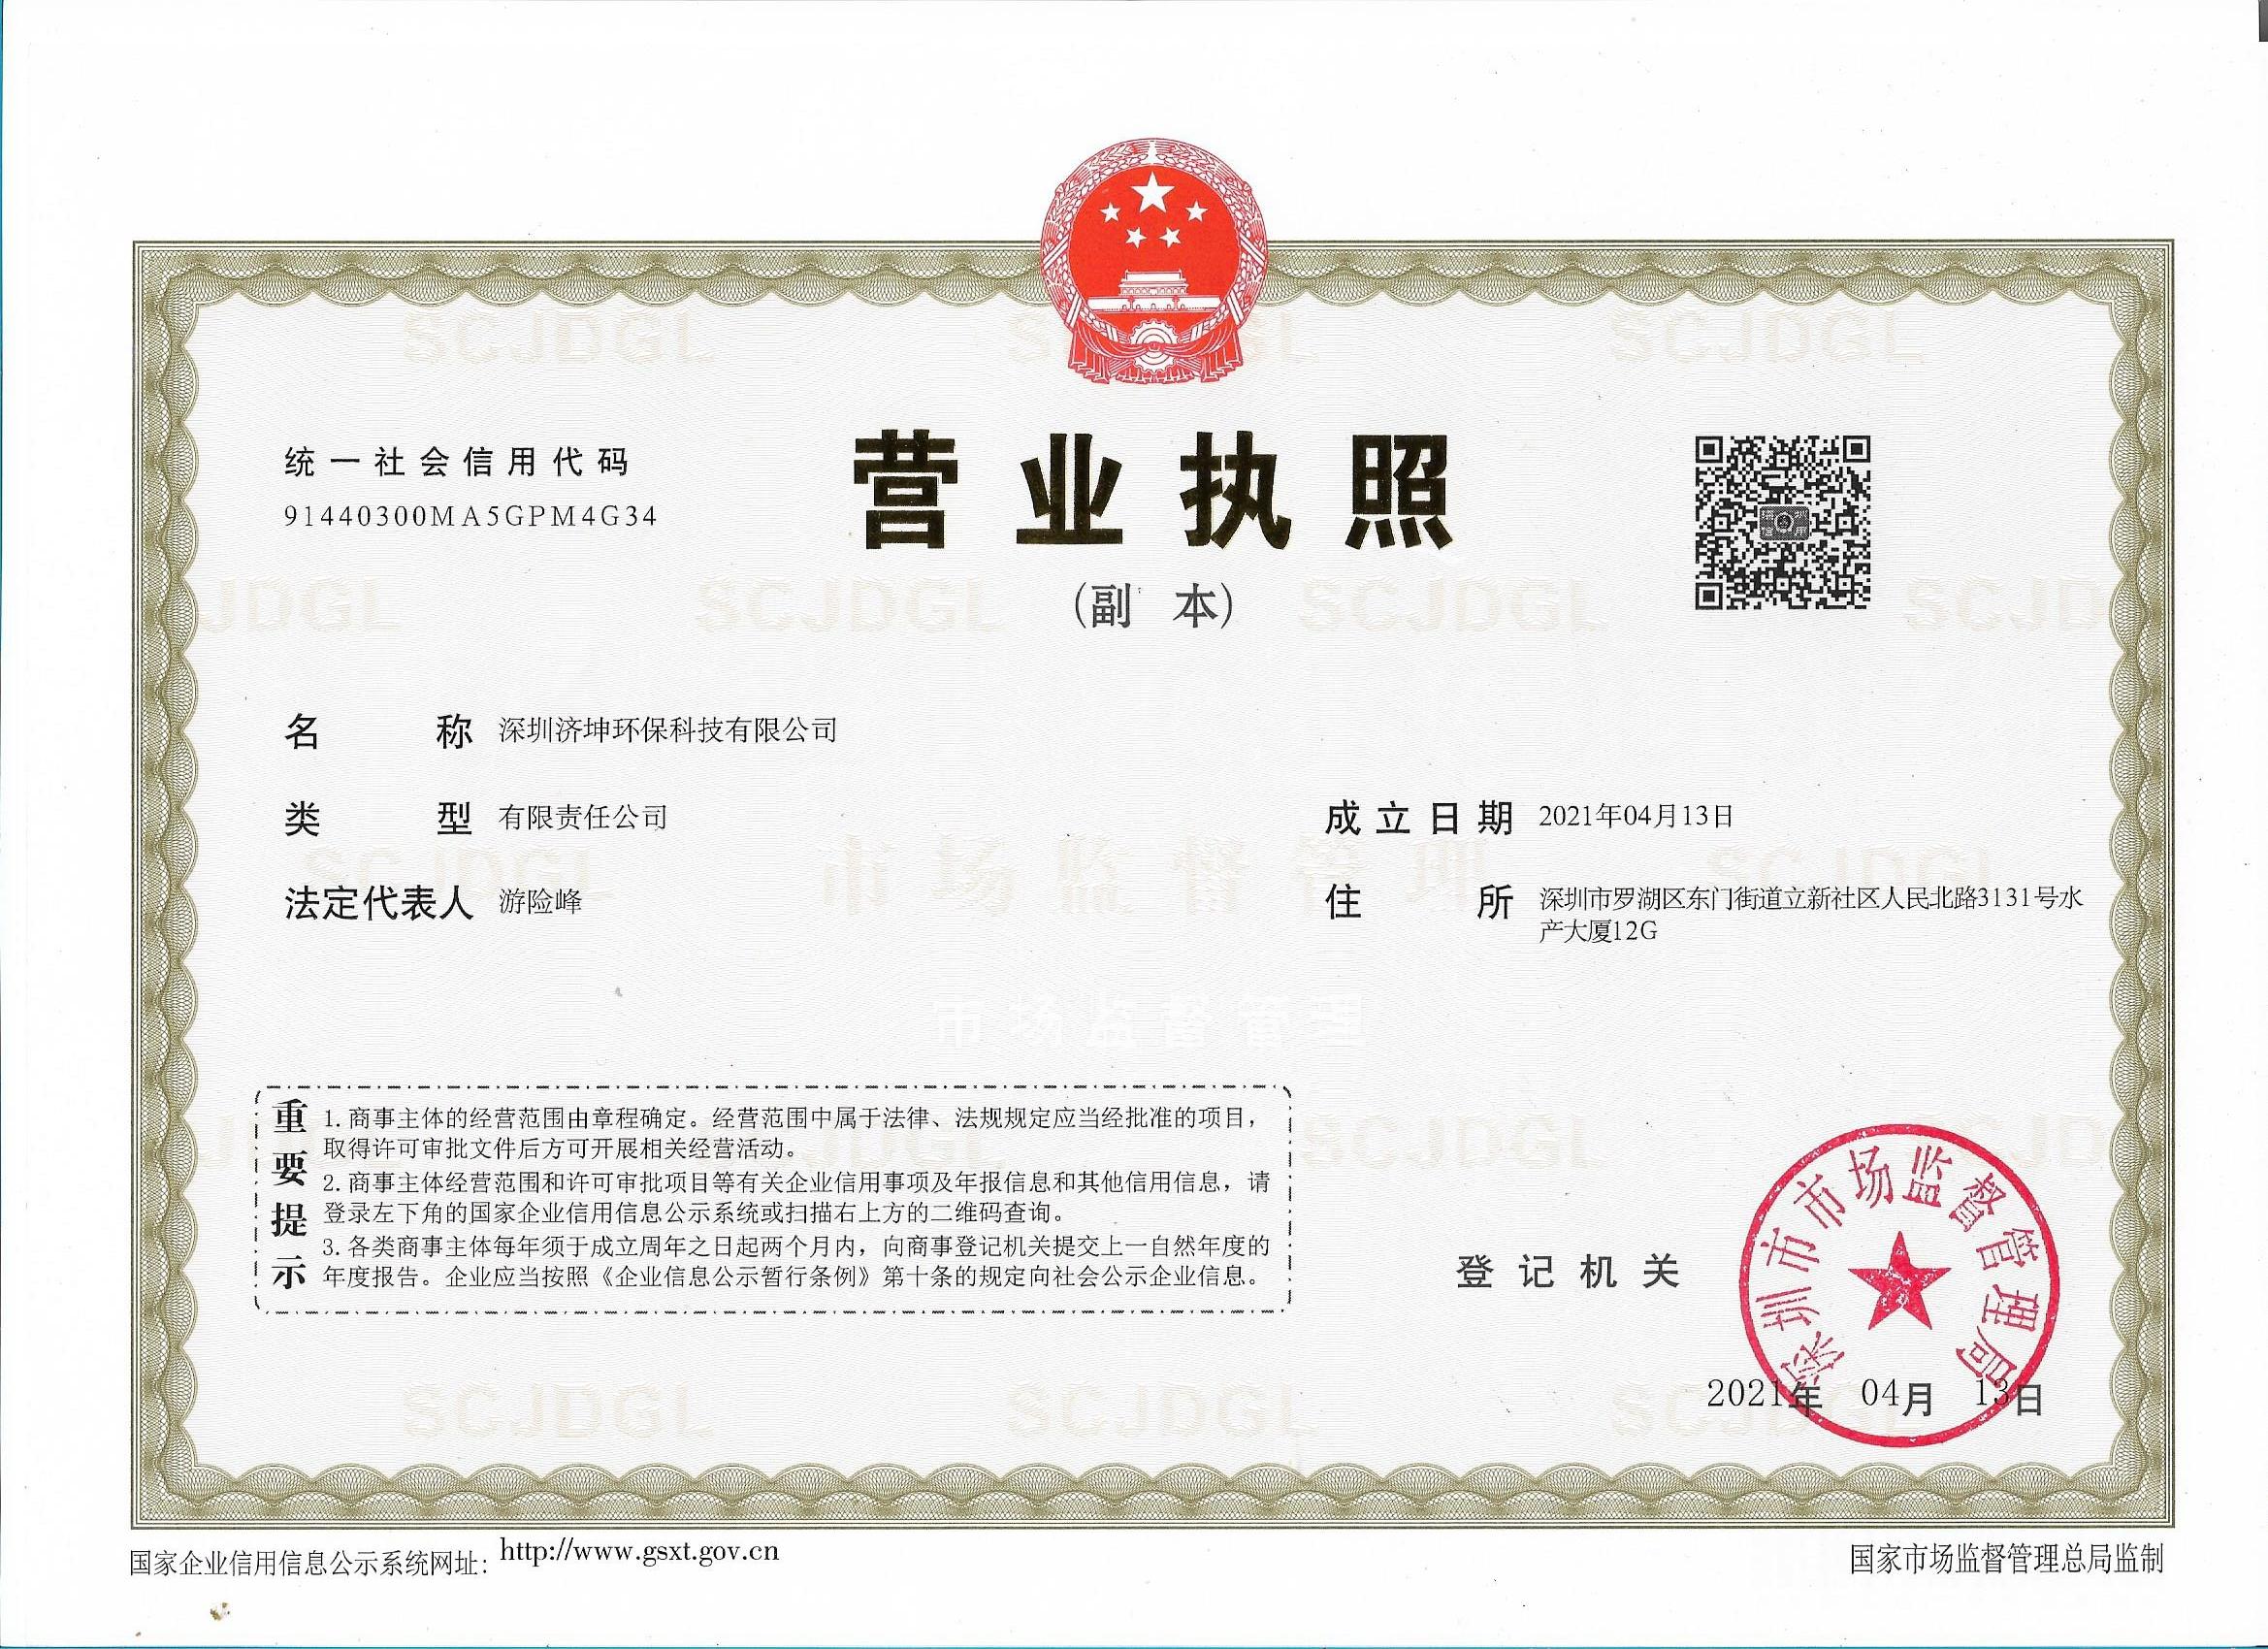 热烈祝贺我司子公司深圳济坤环保科技有限公司成立